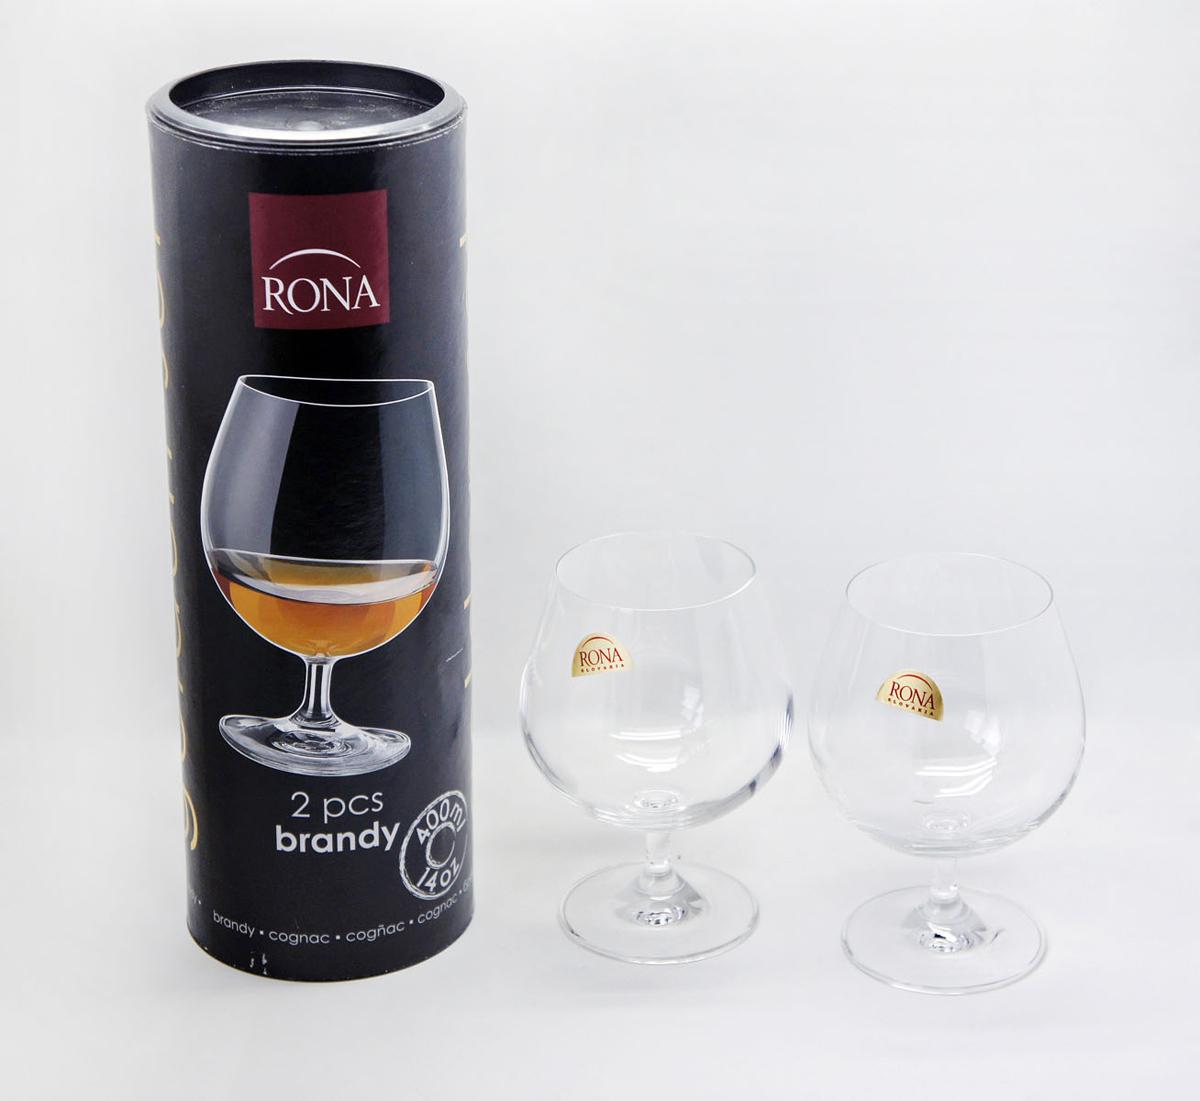 Набор бокалов для бренди Rona, 400 мл, 2 шт2570/0/400Rona – это сочетание высочайшего качества исполнения, широкого ассортимента изделий и доступных цен. Богемское выдувное стекло, производящееся в Словакии, известно и востребовано во всем мире. Элегантные бокалы, украсят застолье и помогут создать праздничную атмосферу.